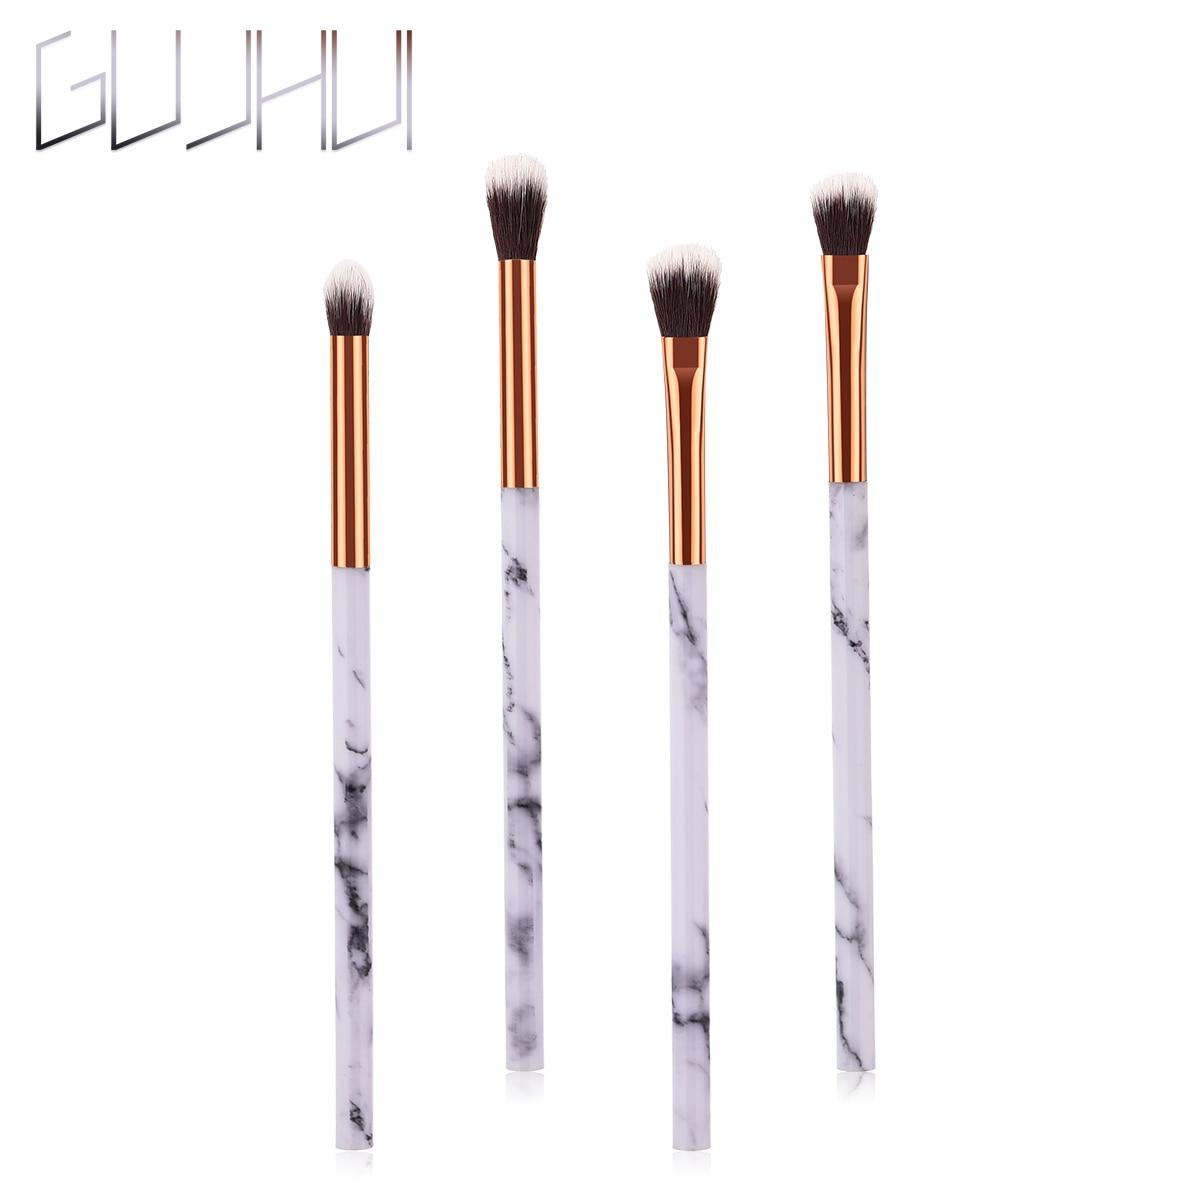 ELECOOL 1/4 шт. кисти для макияжа глаз с Мрамор текстуры ручка Мода нейлоновые волосы косметическое средство для теней фонд инструменты